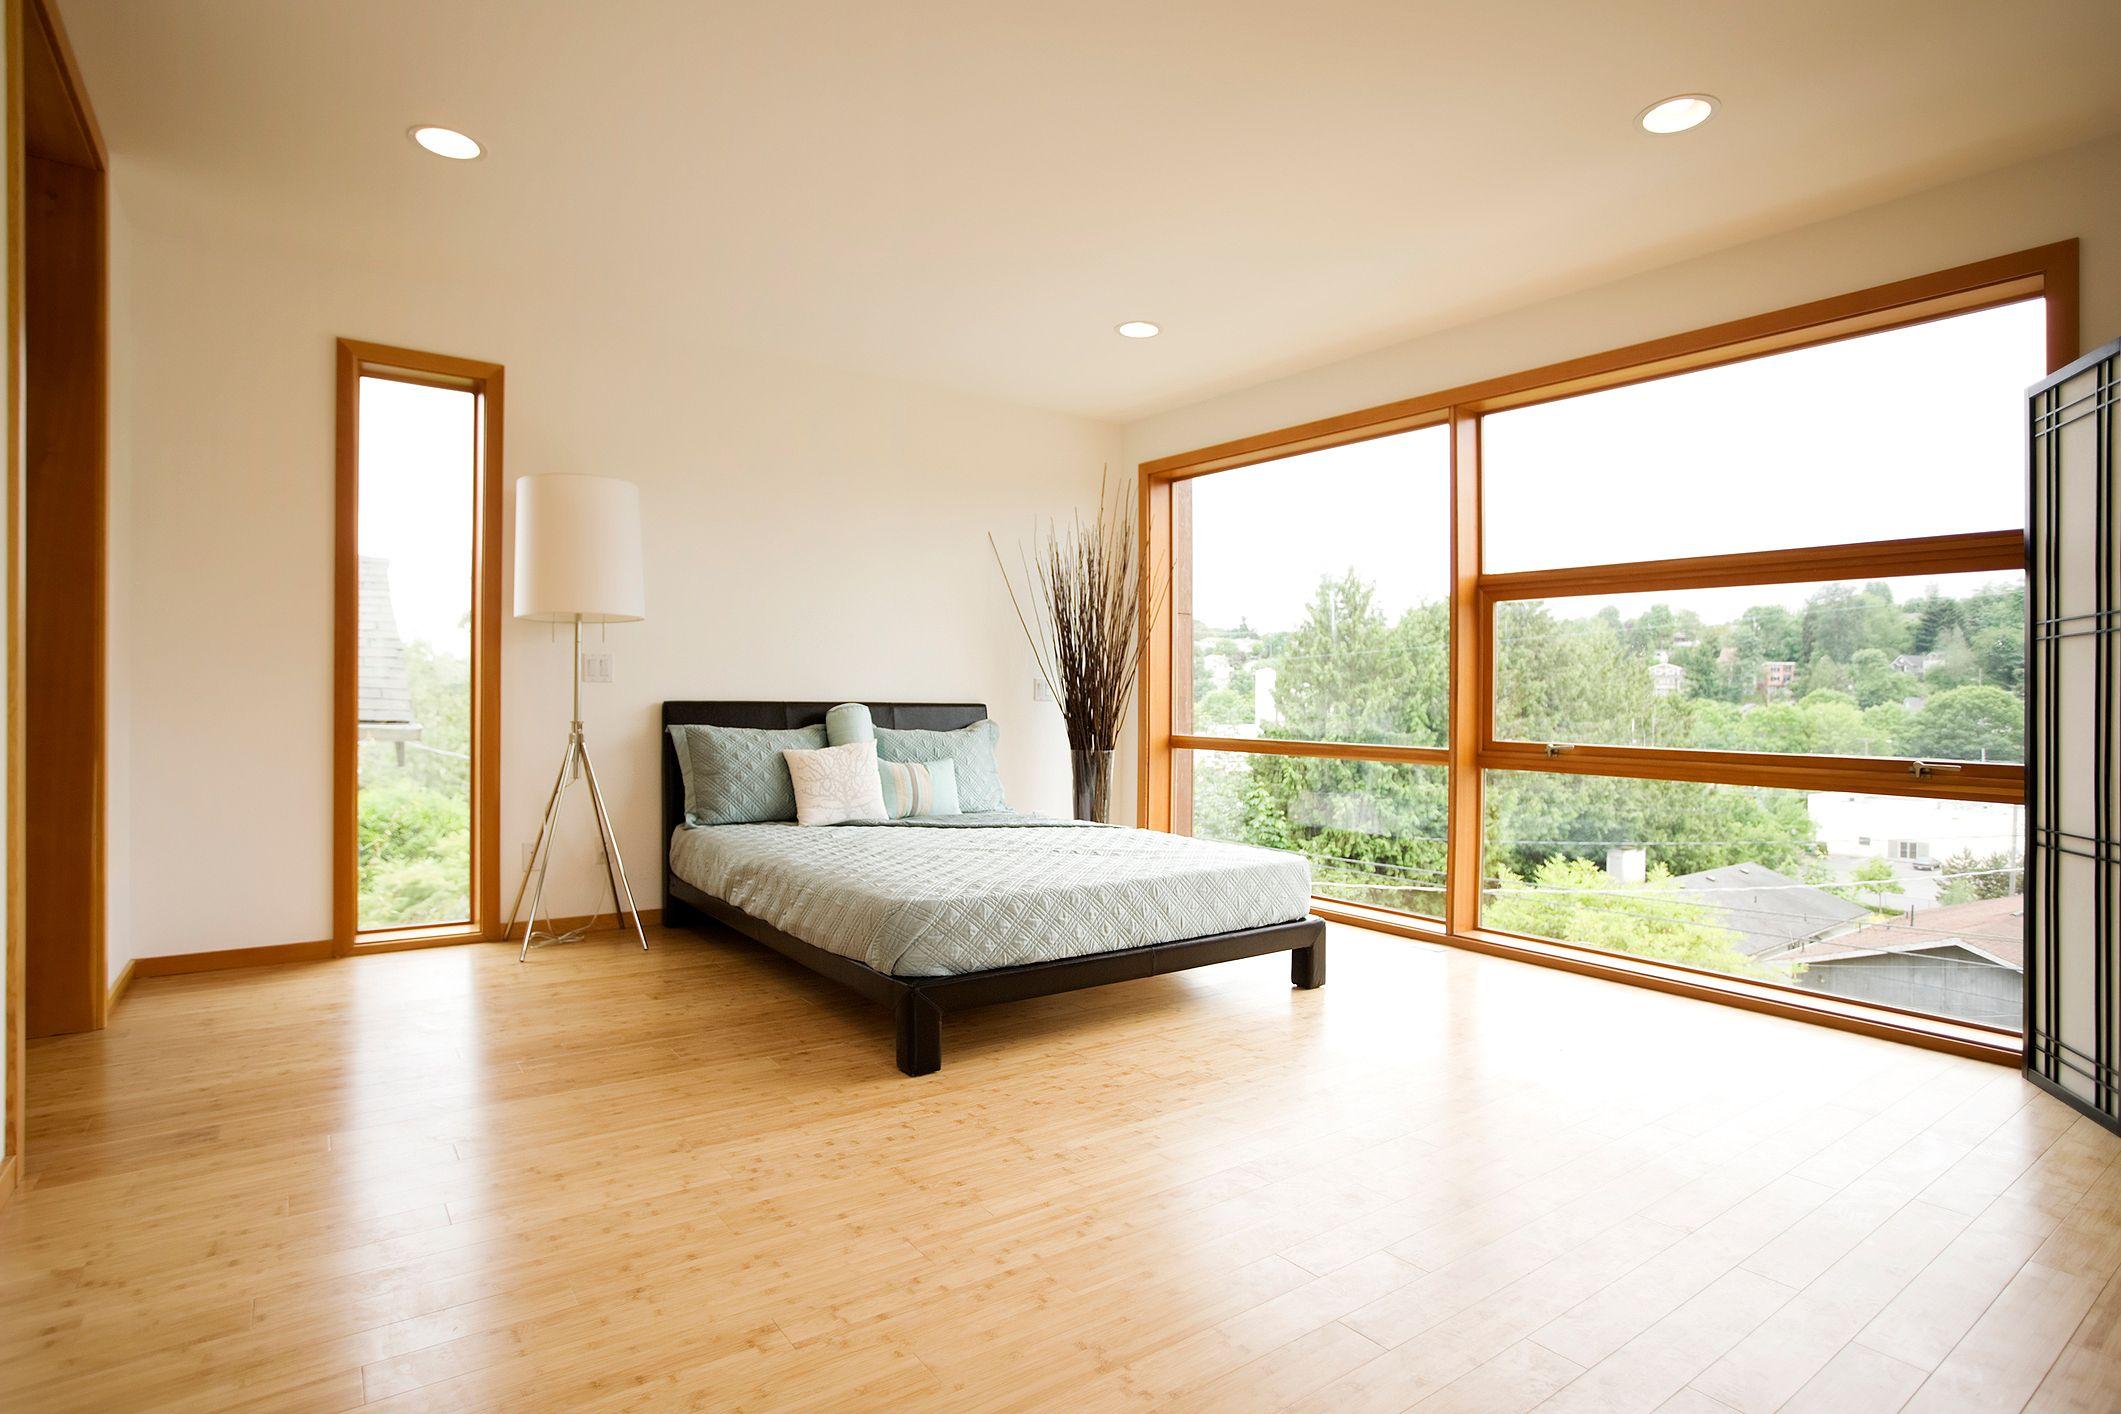 Деревянный пол в спальне загородного дома